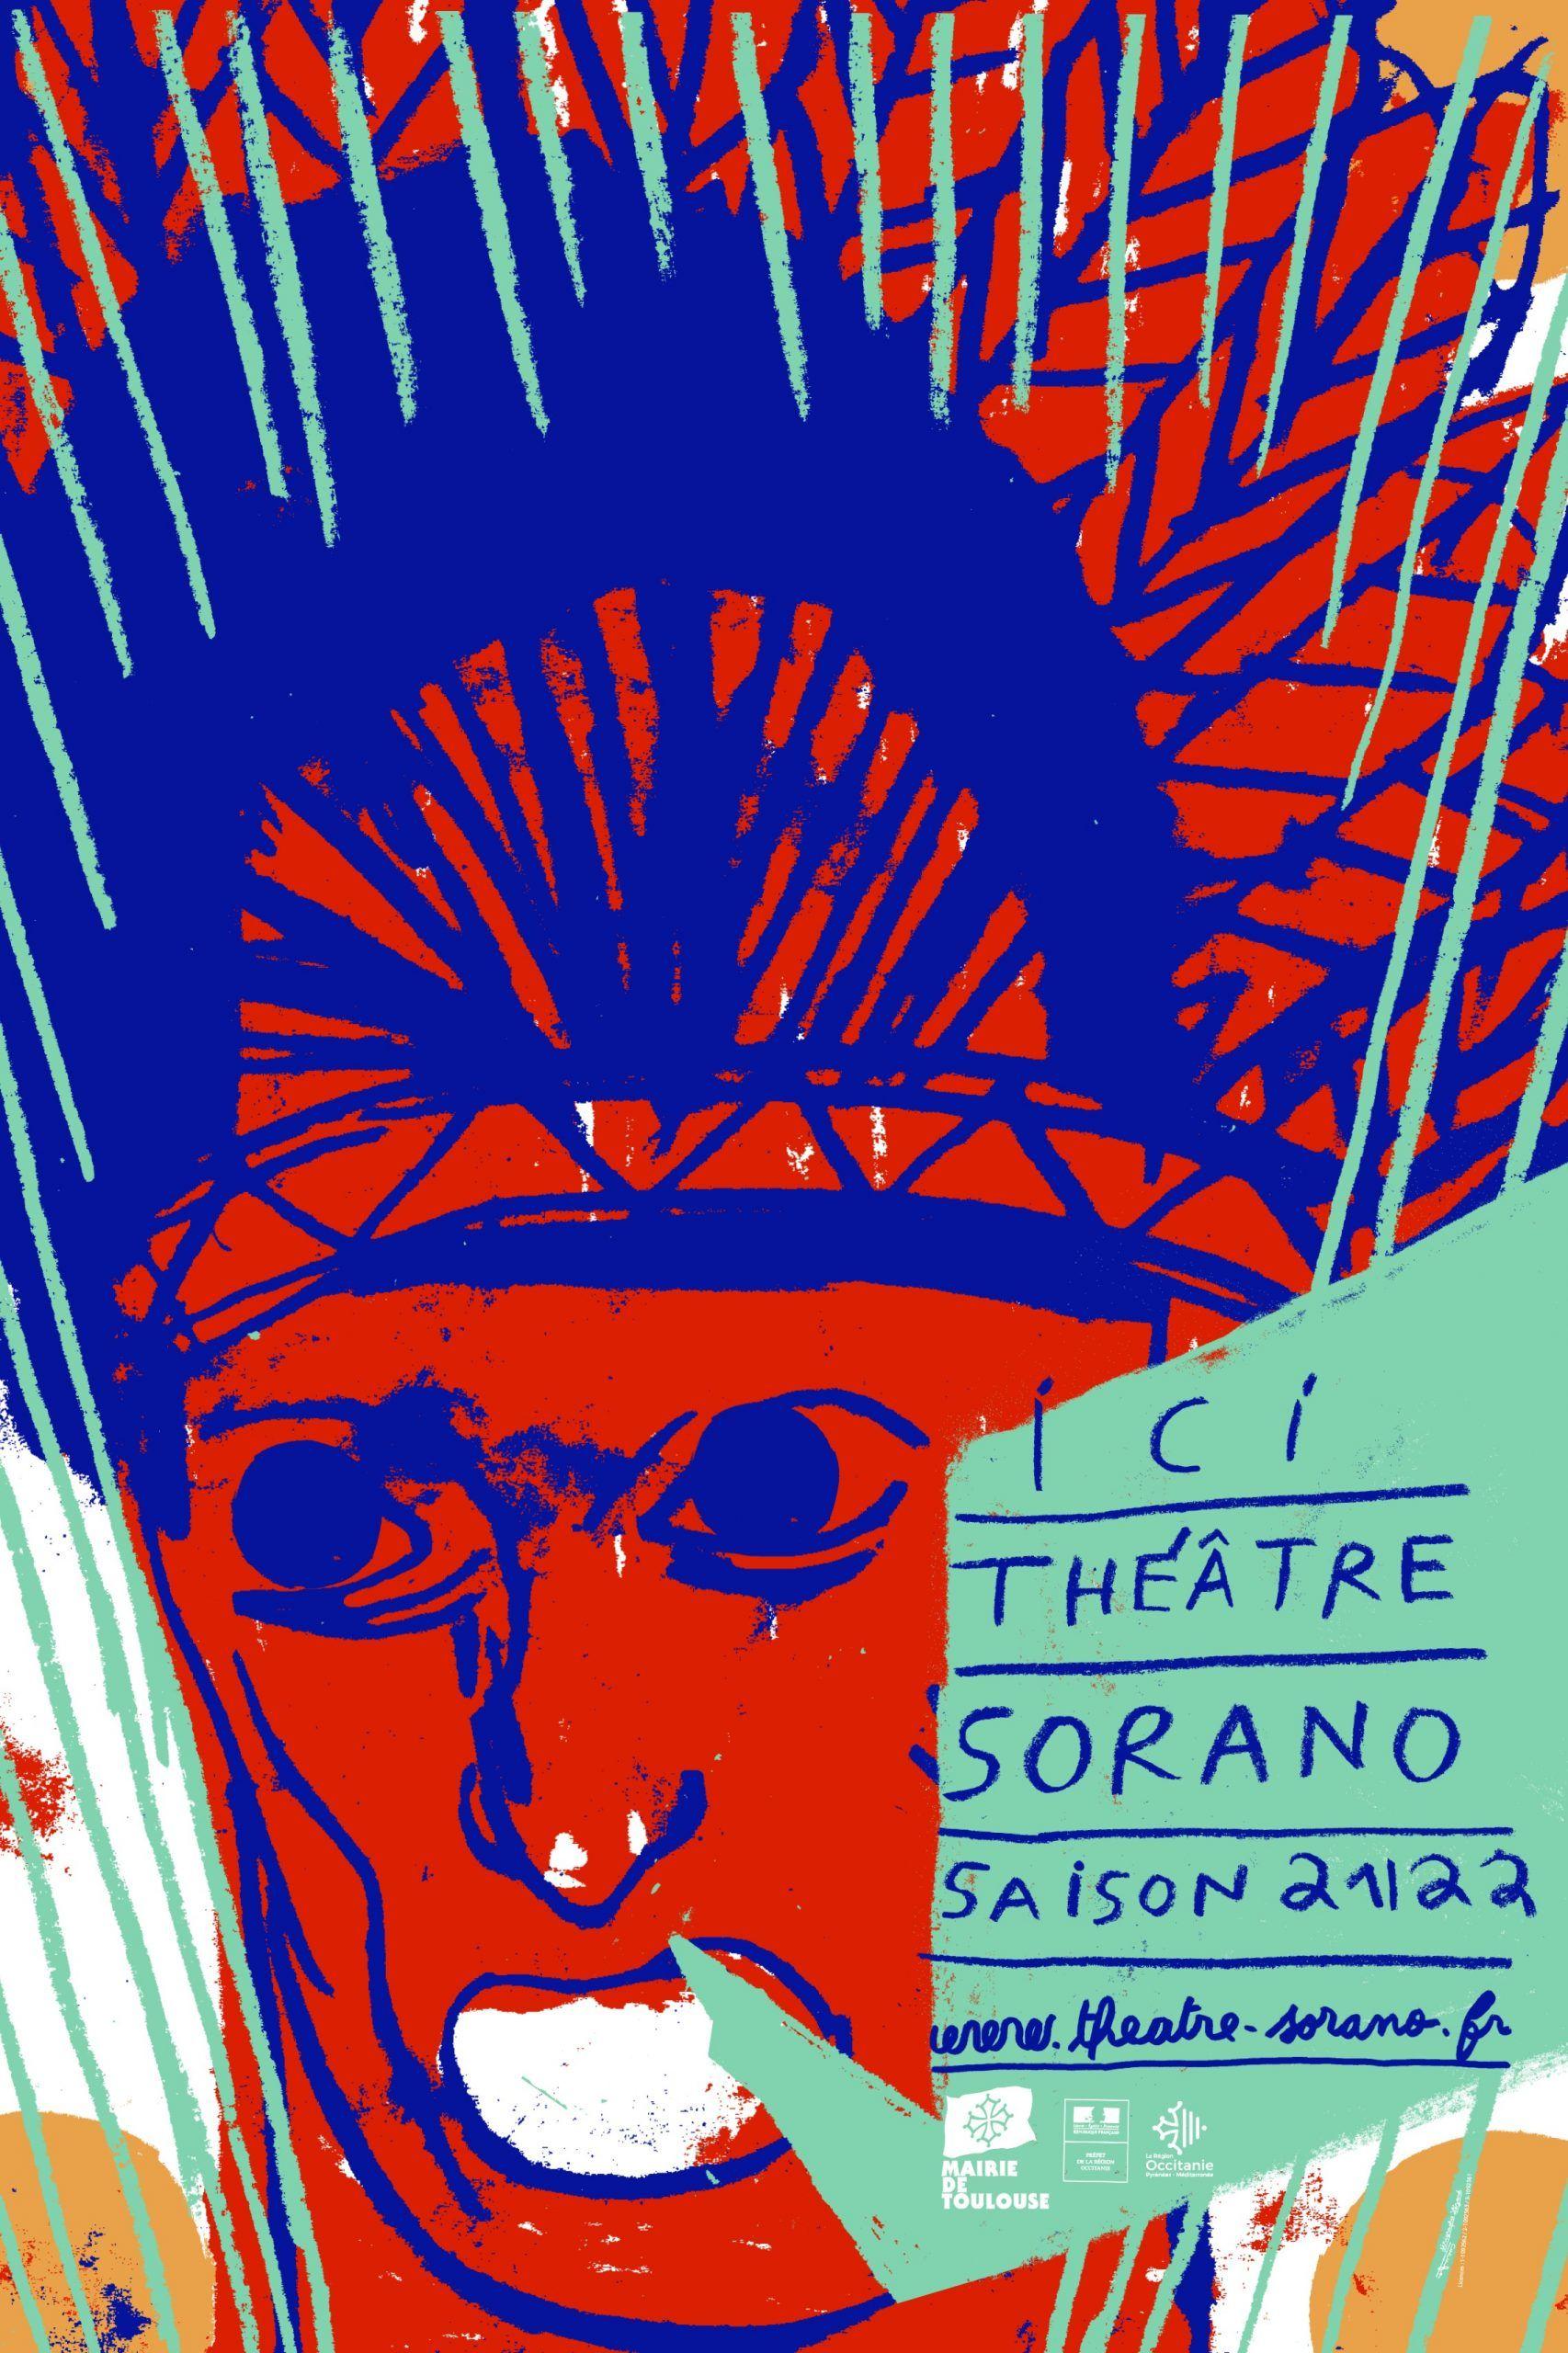 Théâtre Sorano - 2021/2022 b